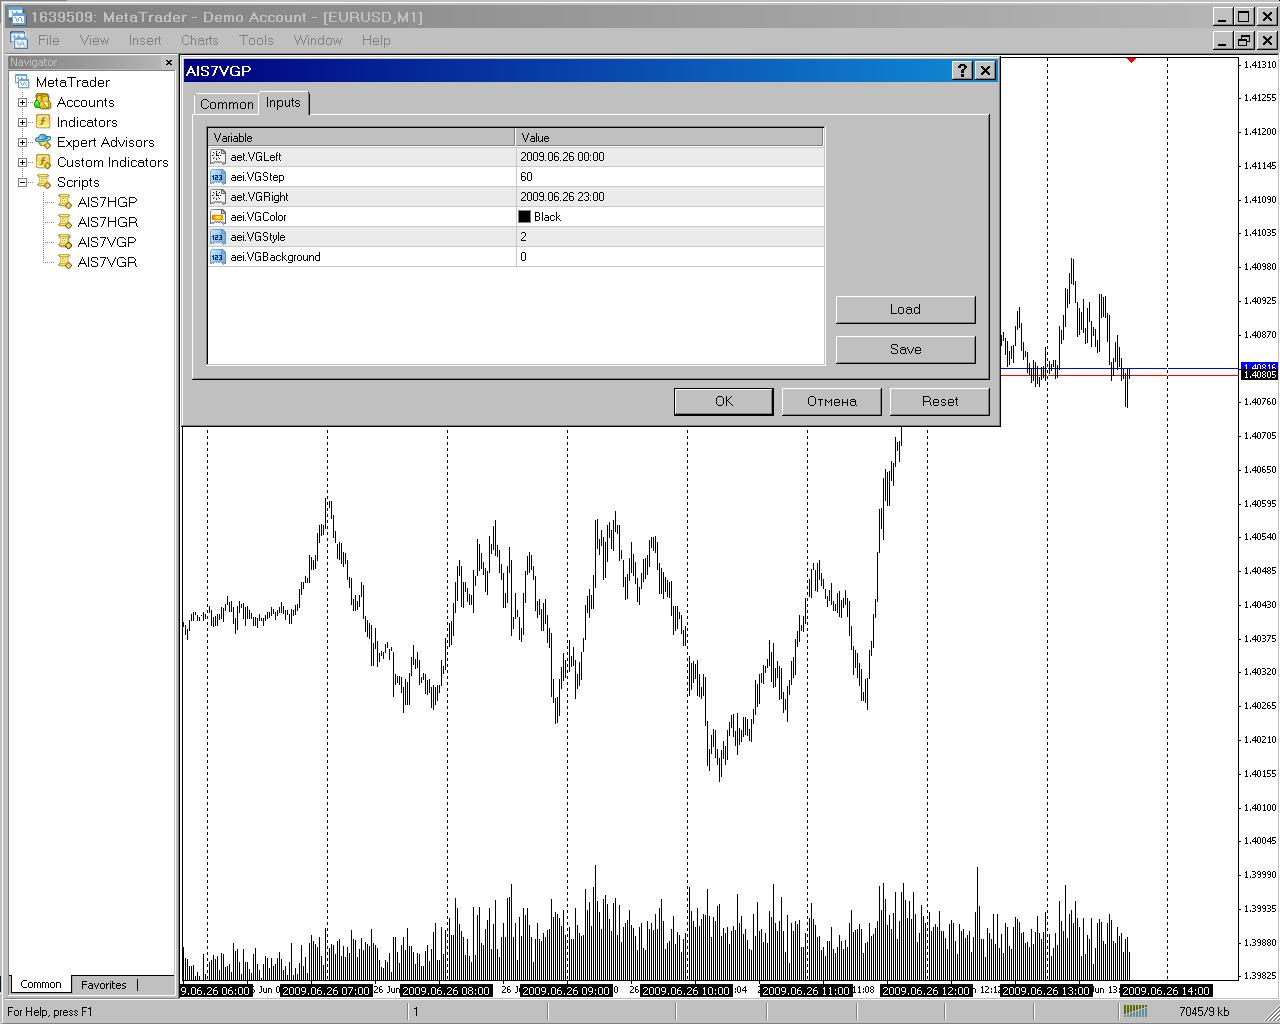 Download livre do script a tool vertical grid plotter por ais a tool vertical grid plotter um conjunto de programas mql4 para marcao de grficos usando linhas verticais 2 arquivos de programa 11 ais7vgp ccuart Image collections